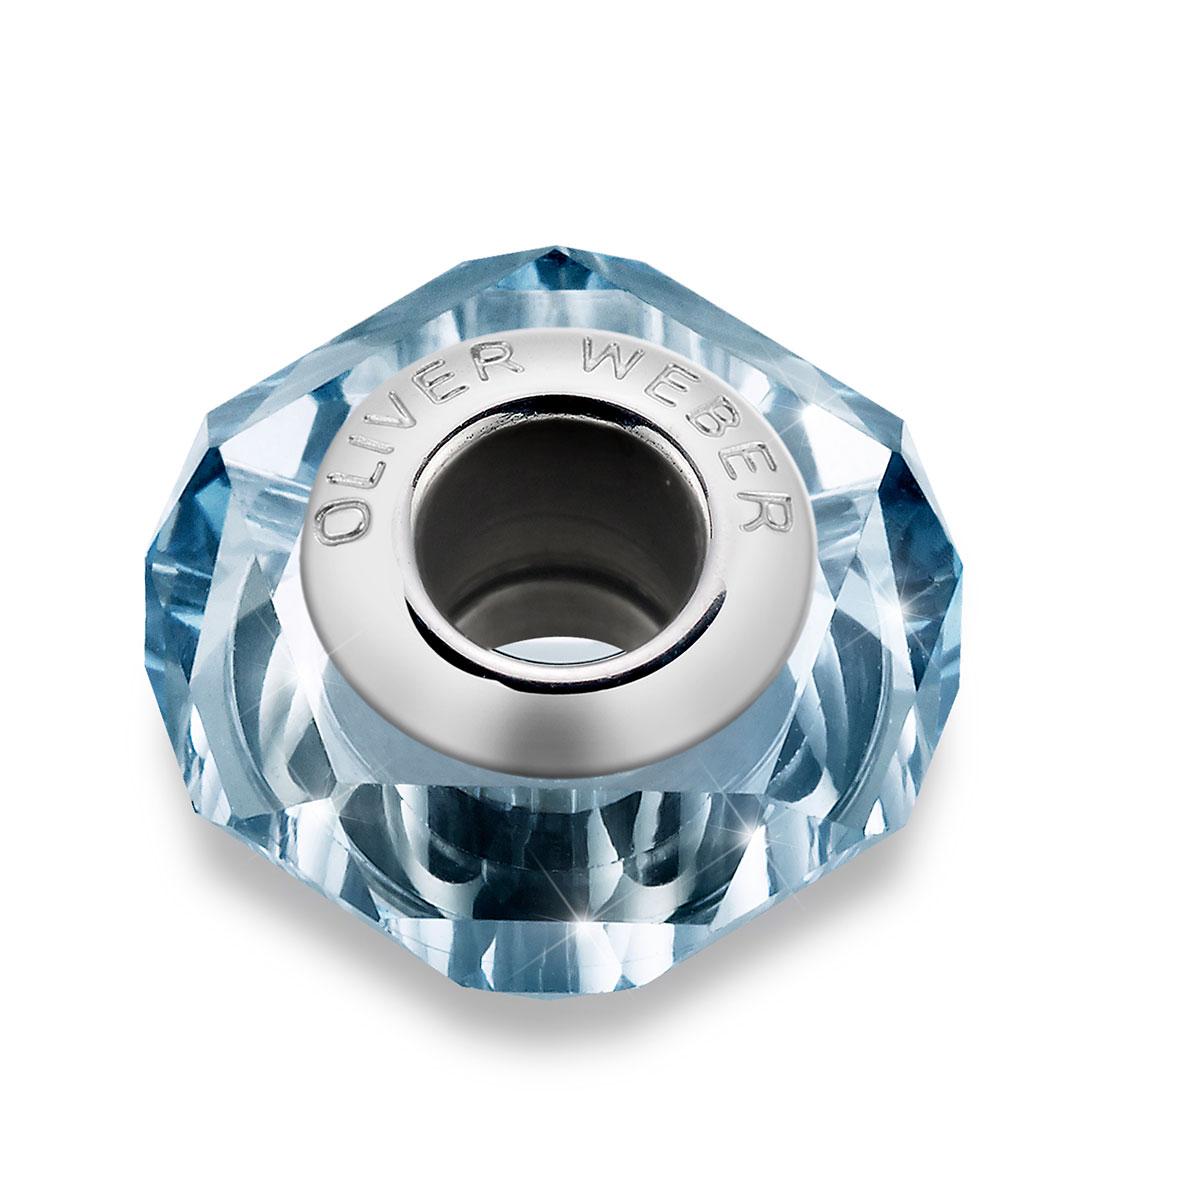 مهره دستبند استیل و کریستال مدل هلیکس